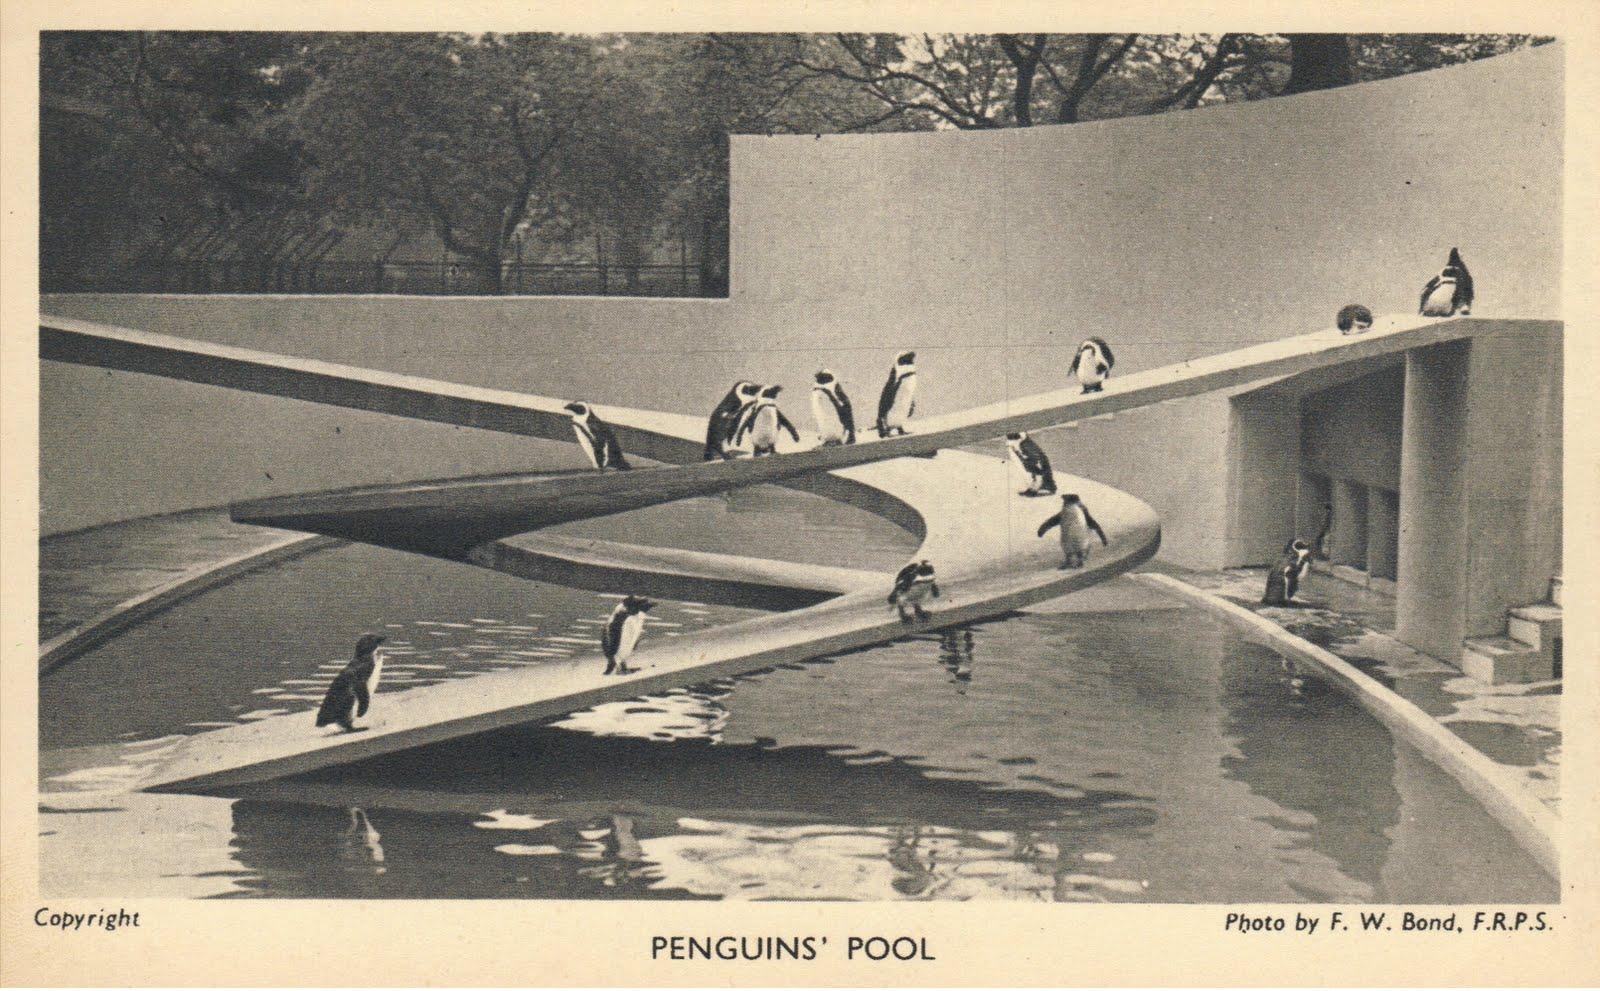 penguin pool bad design concrete